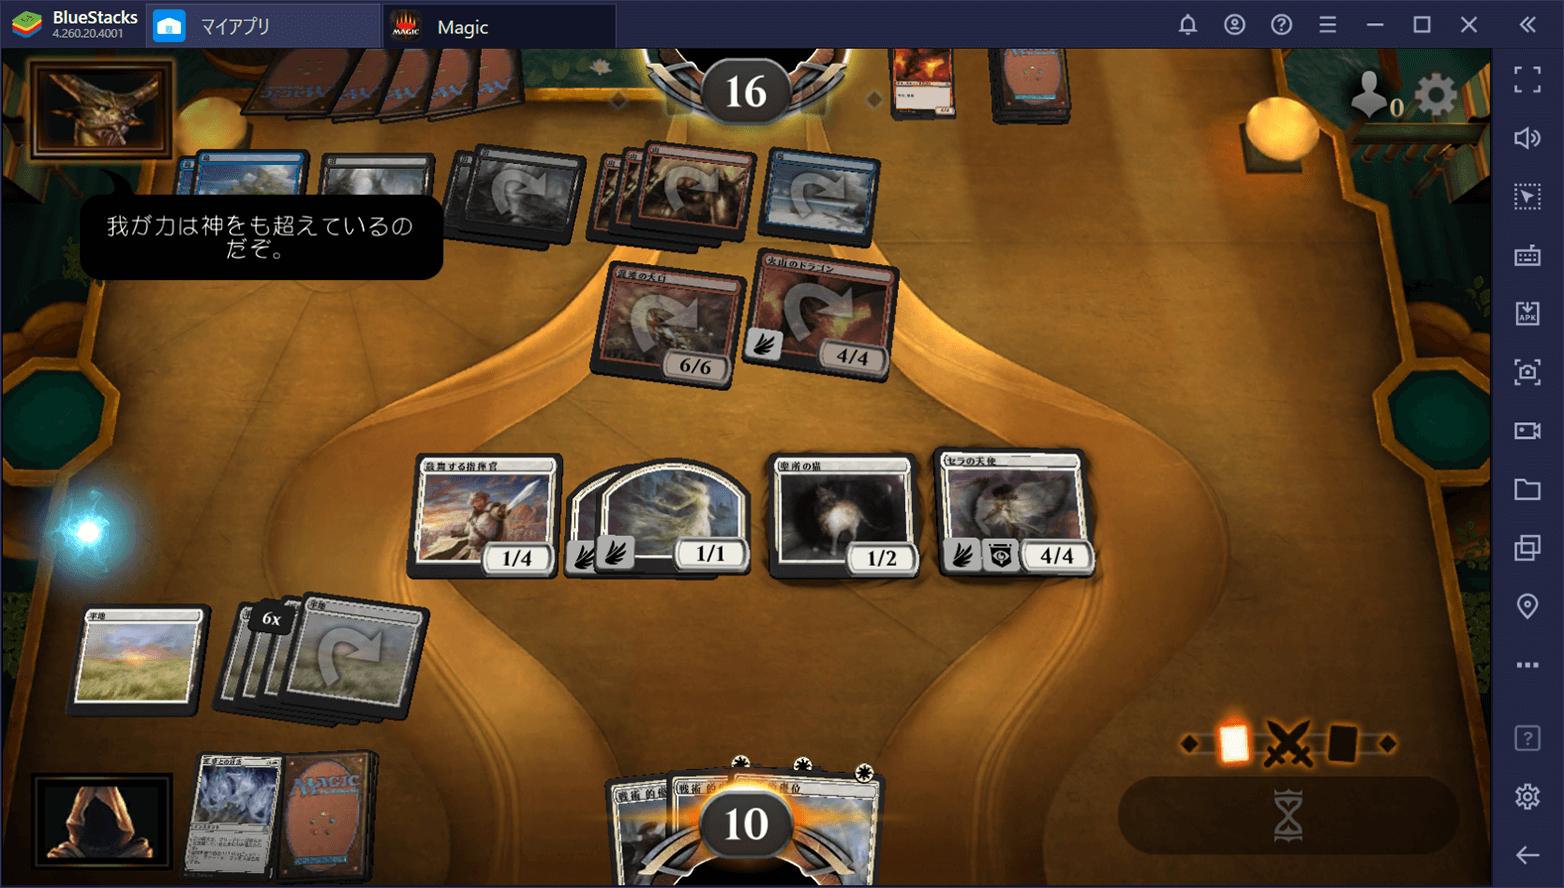 BlueStacksを使ってPCで『マジック:ザ・ギャザリング アリーナ』を遊ぼう